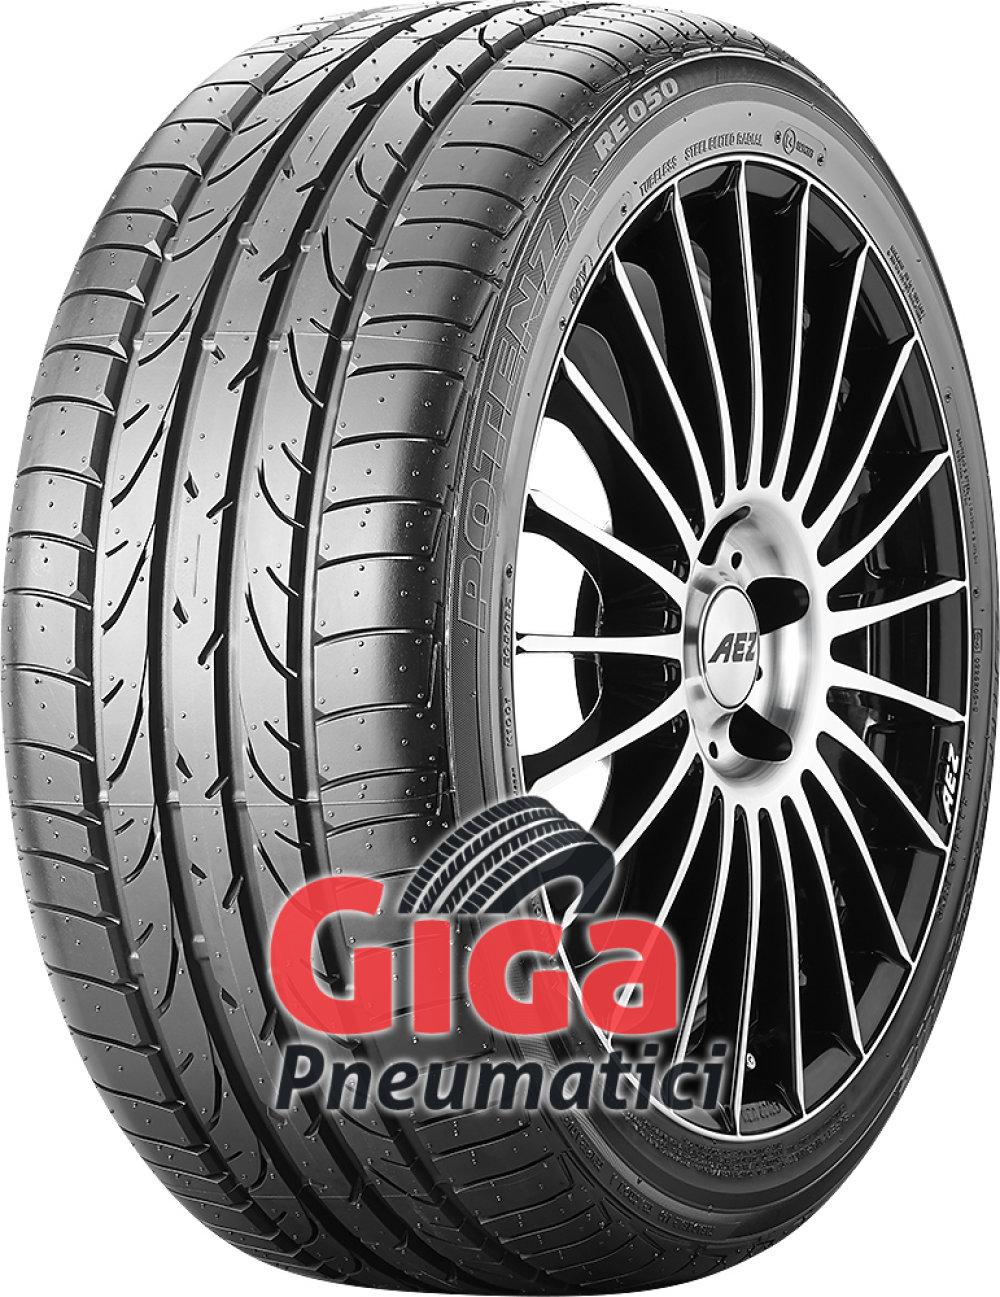 Bridgestone Potenza RE 050 EXT ( 245/40 R17 91W MOE, con protezione del cerchio (MFS), runflat )